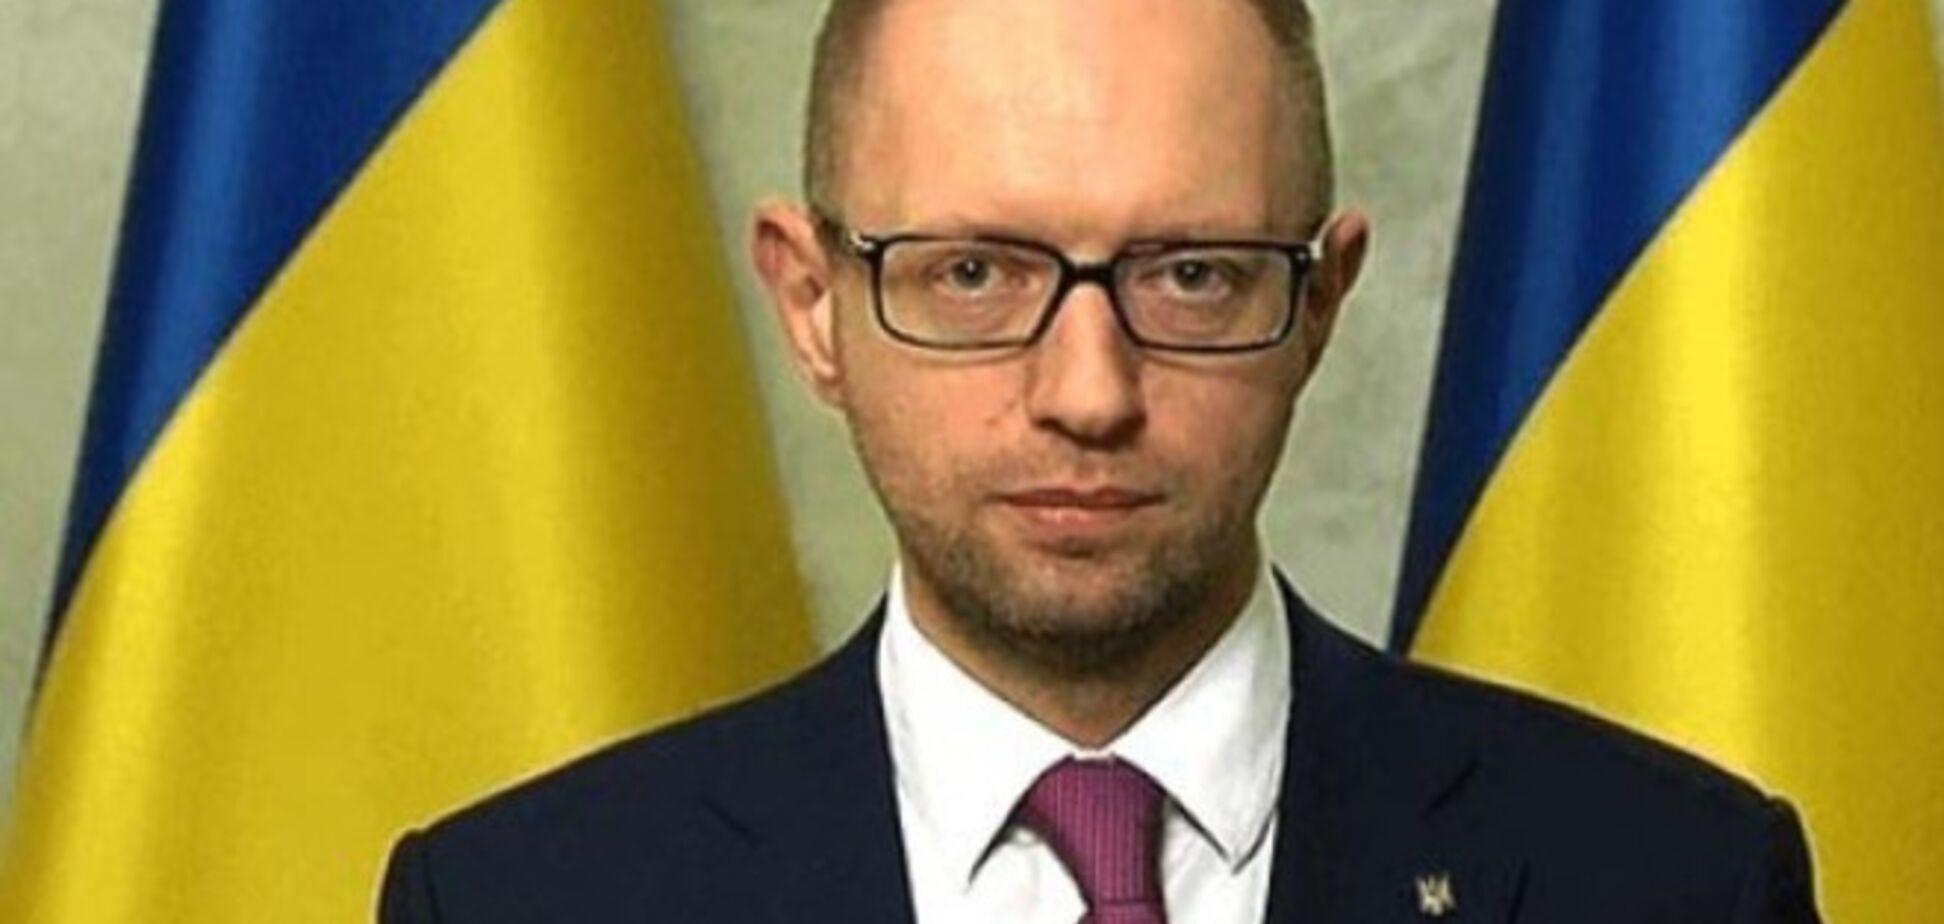 Яценюк пообіцяв амністію сепаратистам, не який здійснював тяжкі злочини